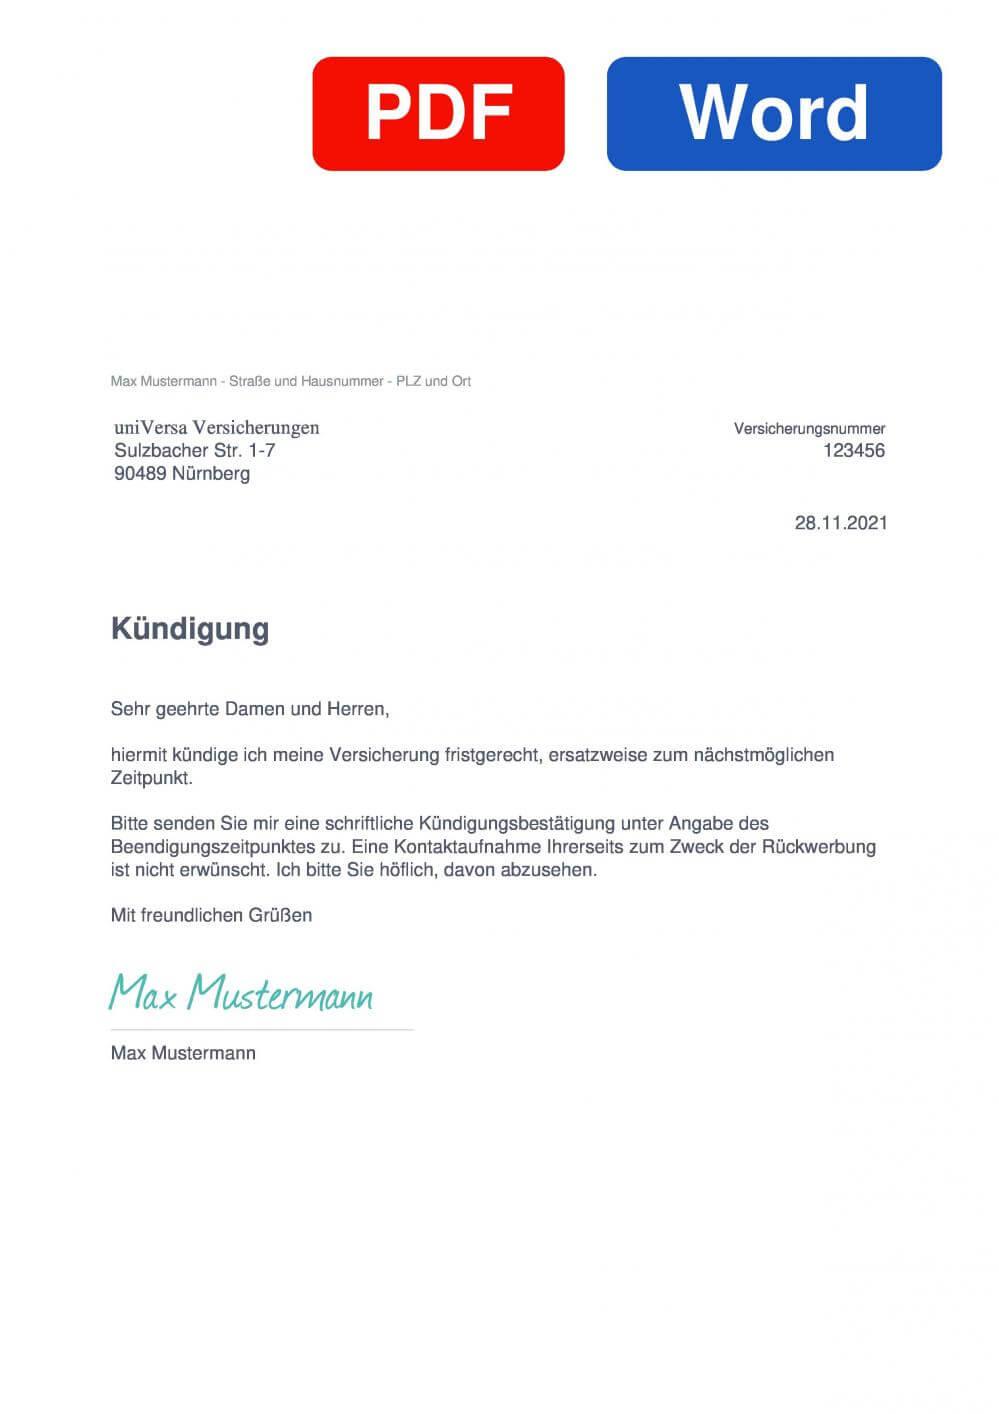 uniVersa Versicherung Muster Vorlage für Kündigungsschreiben